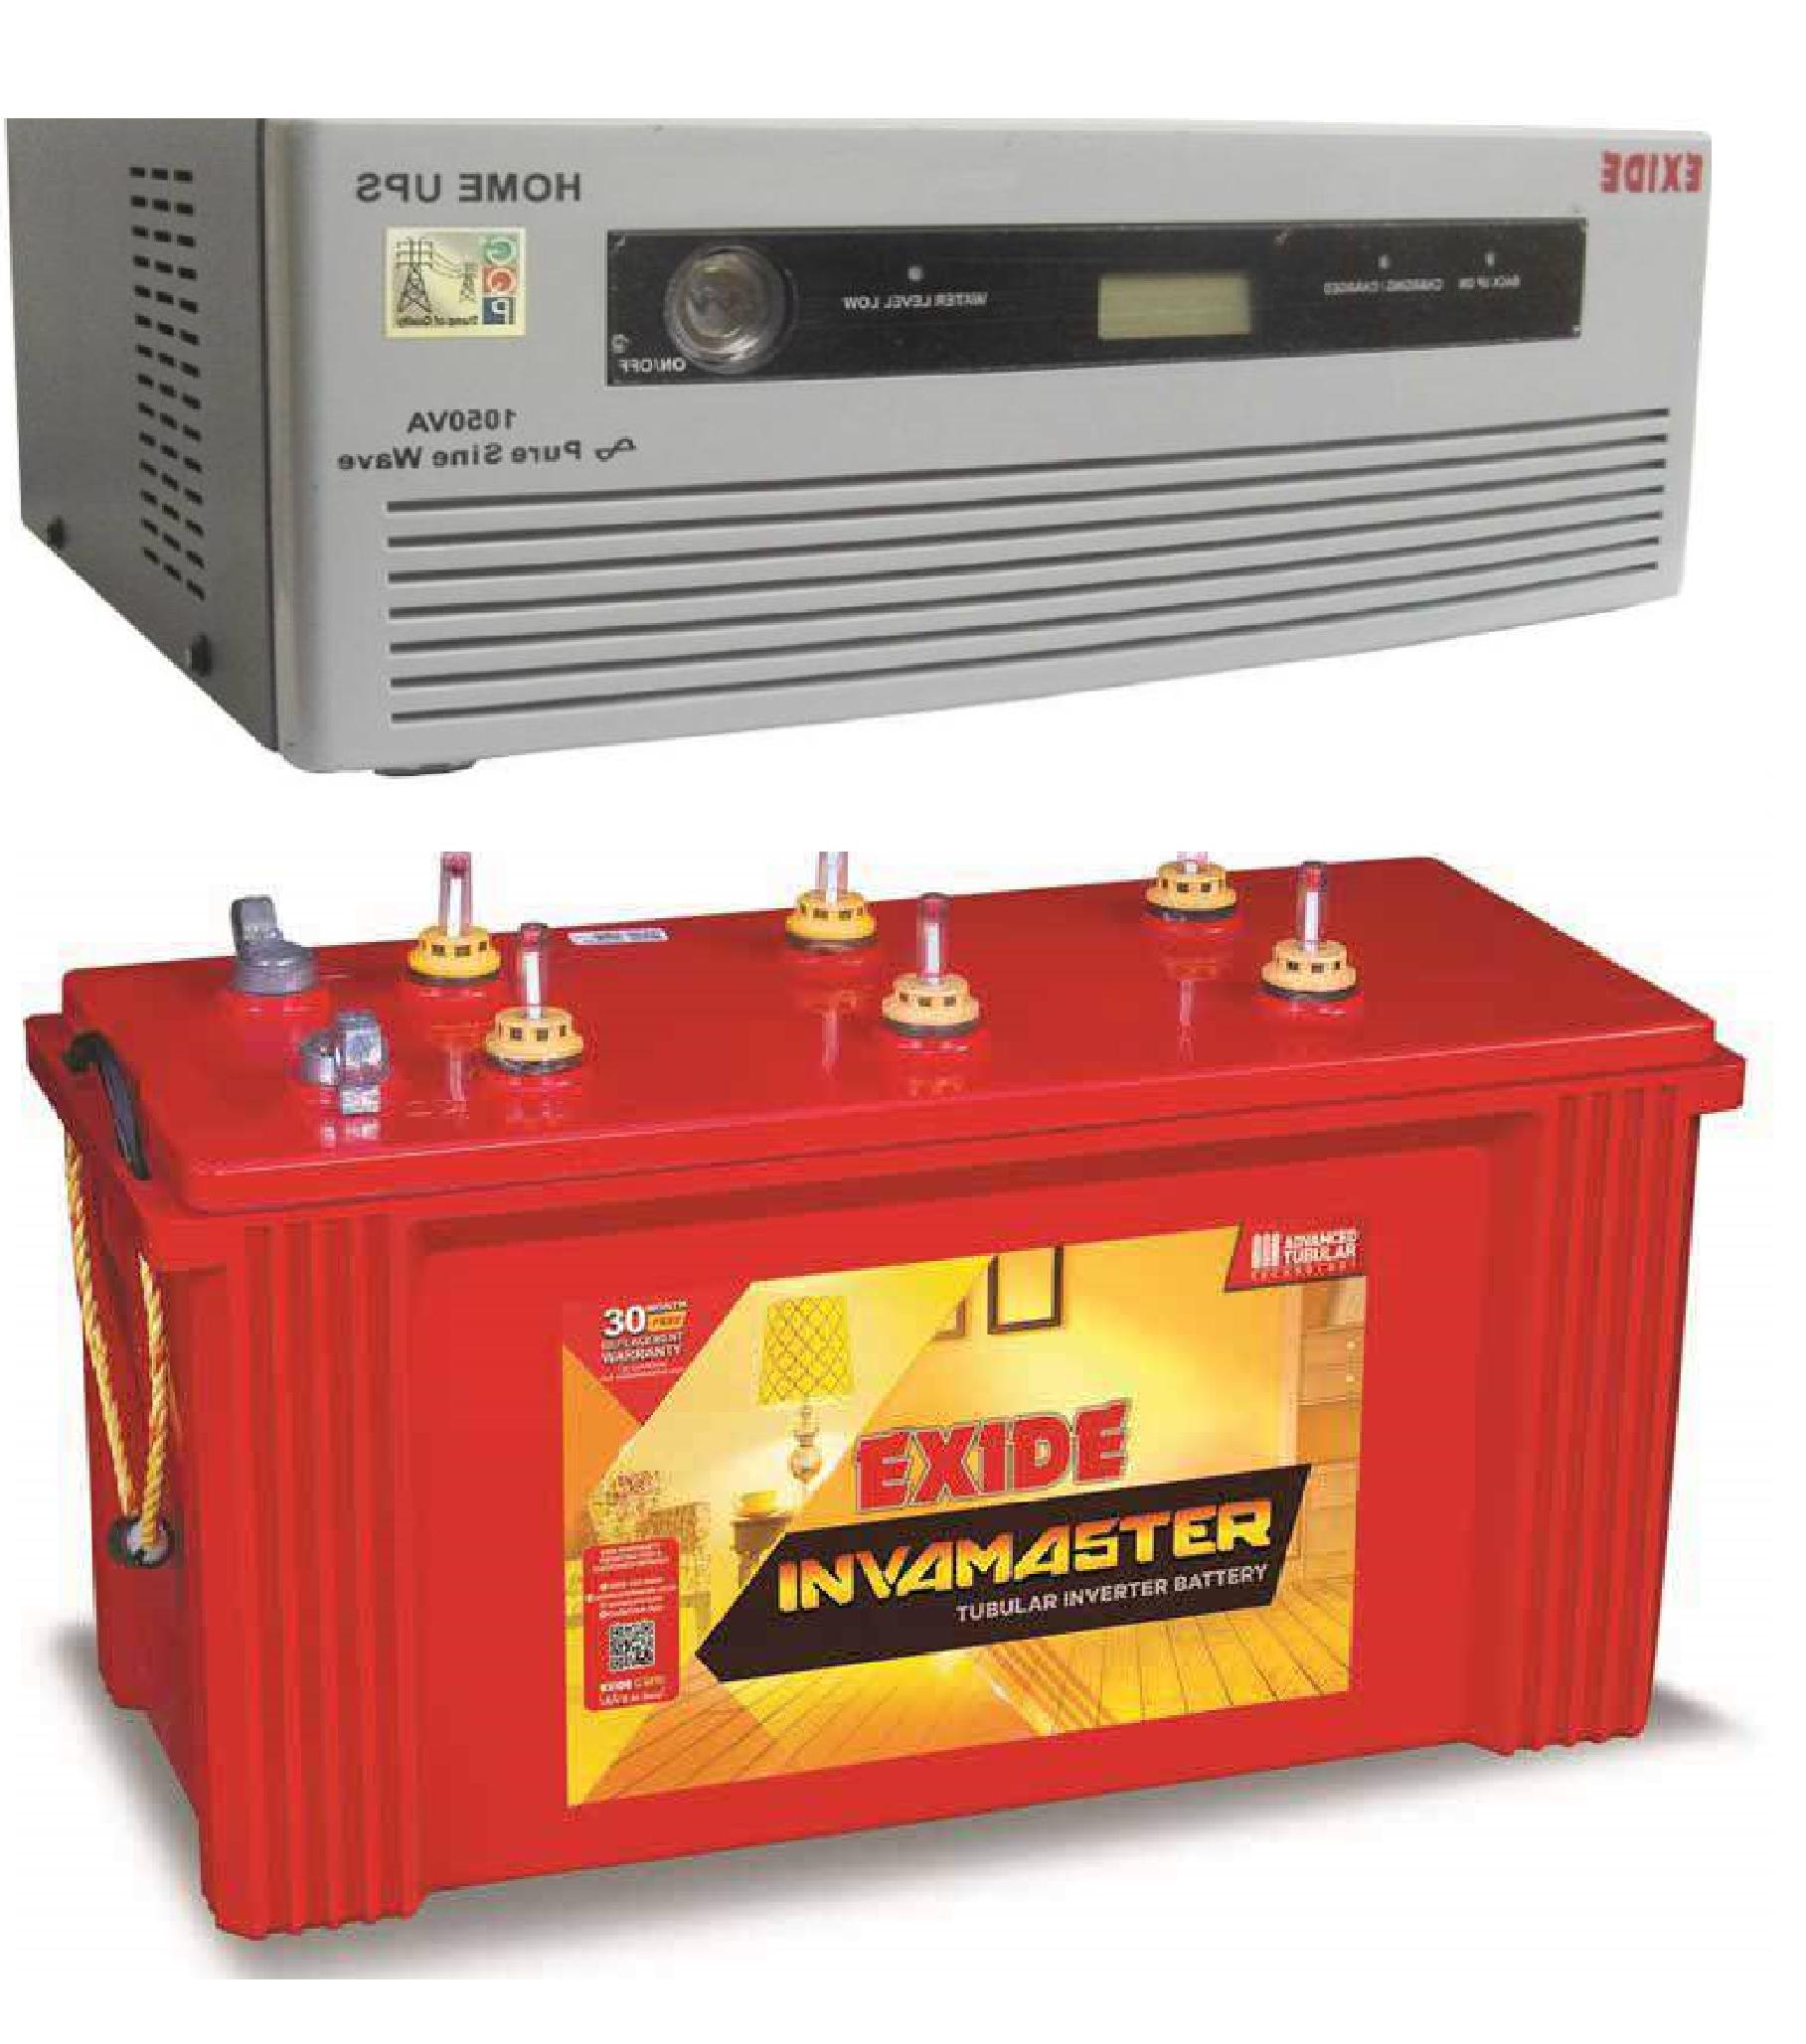 Exide Combo (Exide Inva Master IMTT 1500 + Exide 1050 VA sinewave UPS)